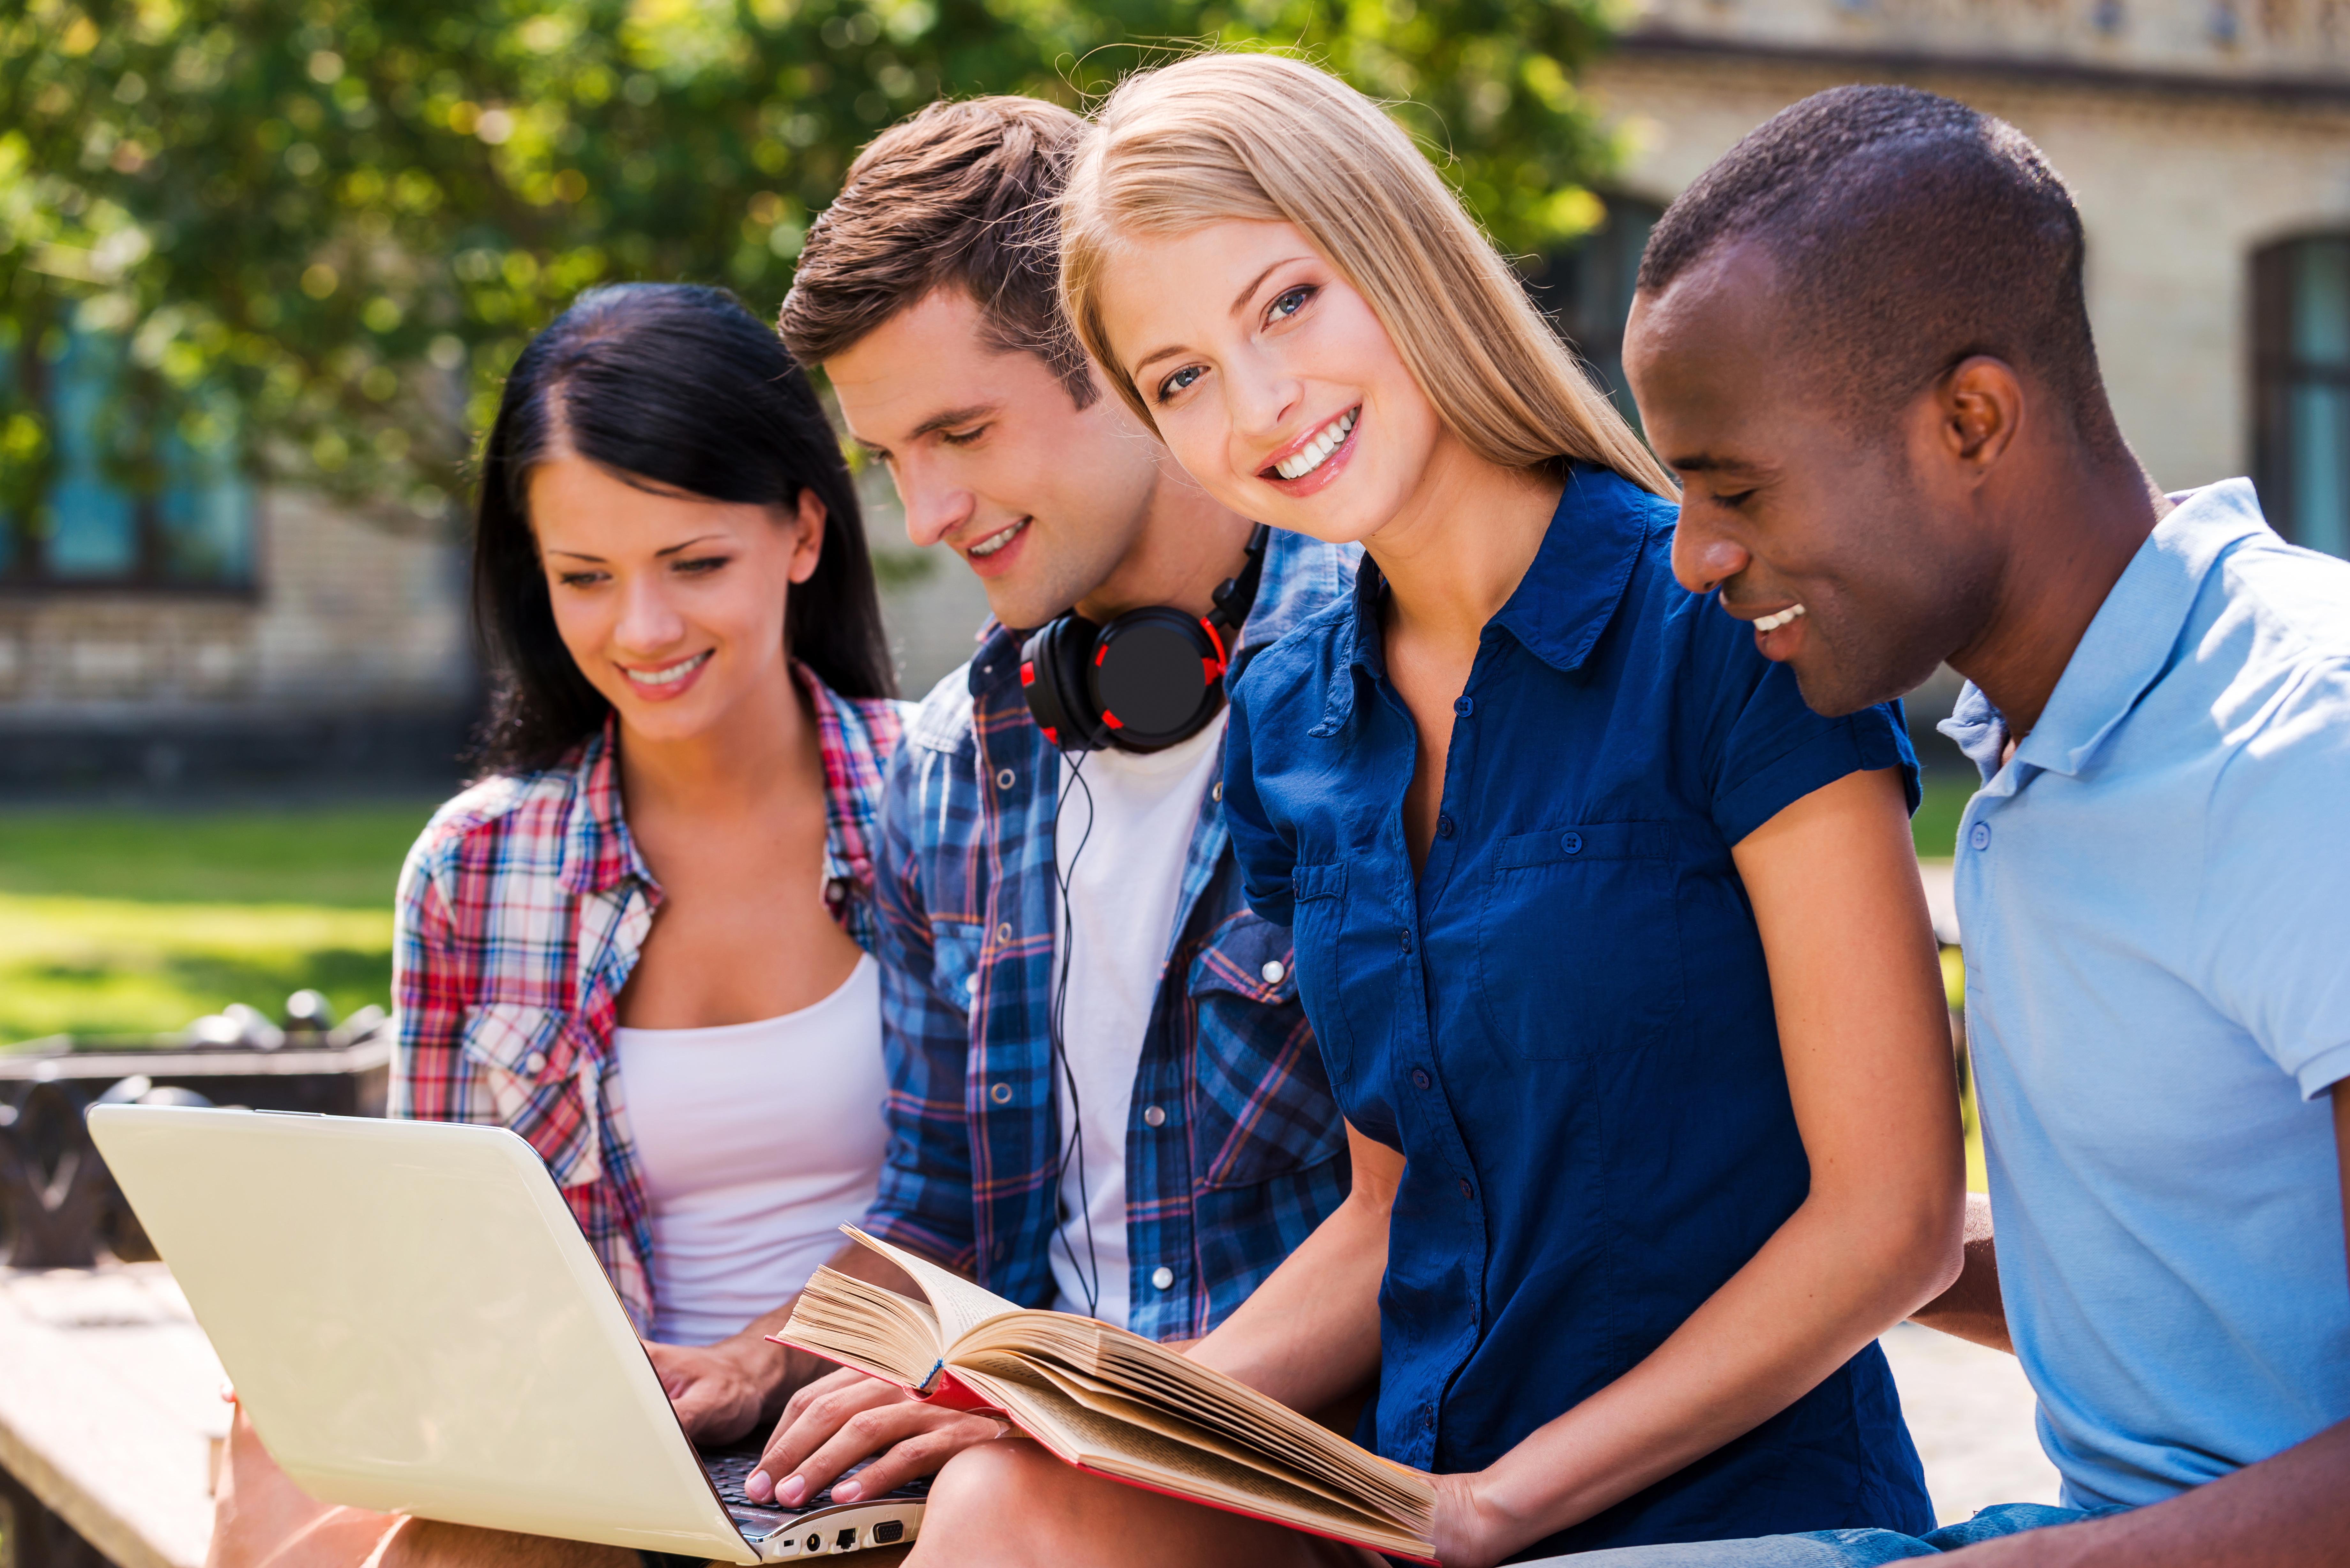 Студенты, которые могут получить ВНЖ в Европе по учебе